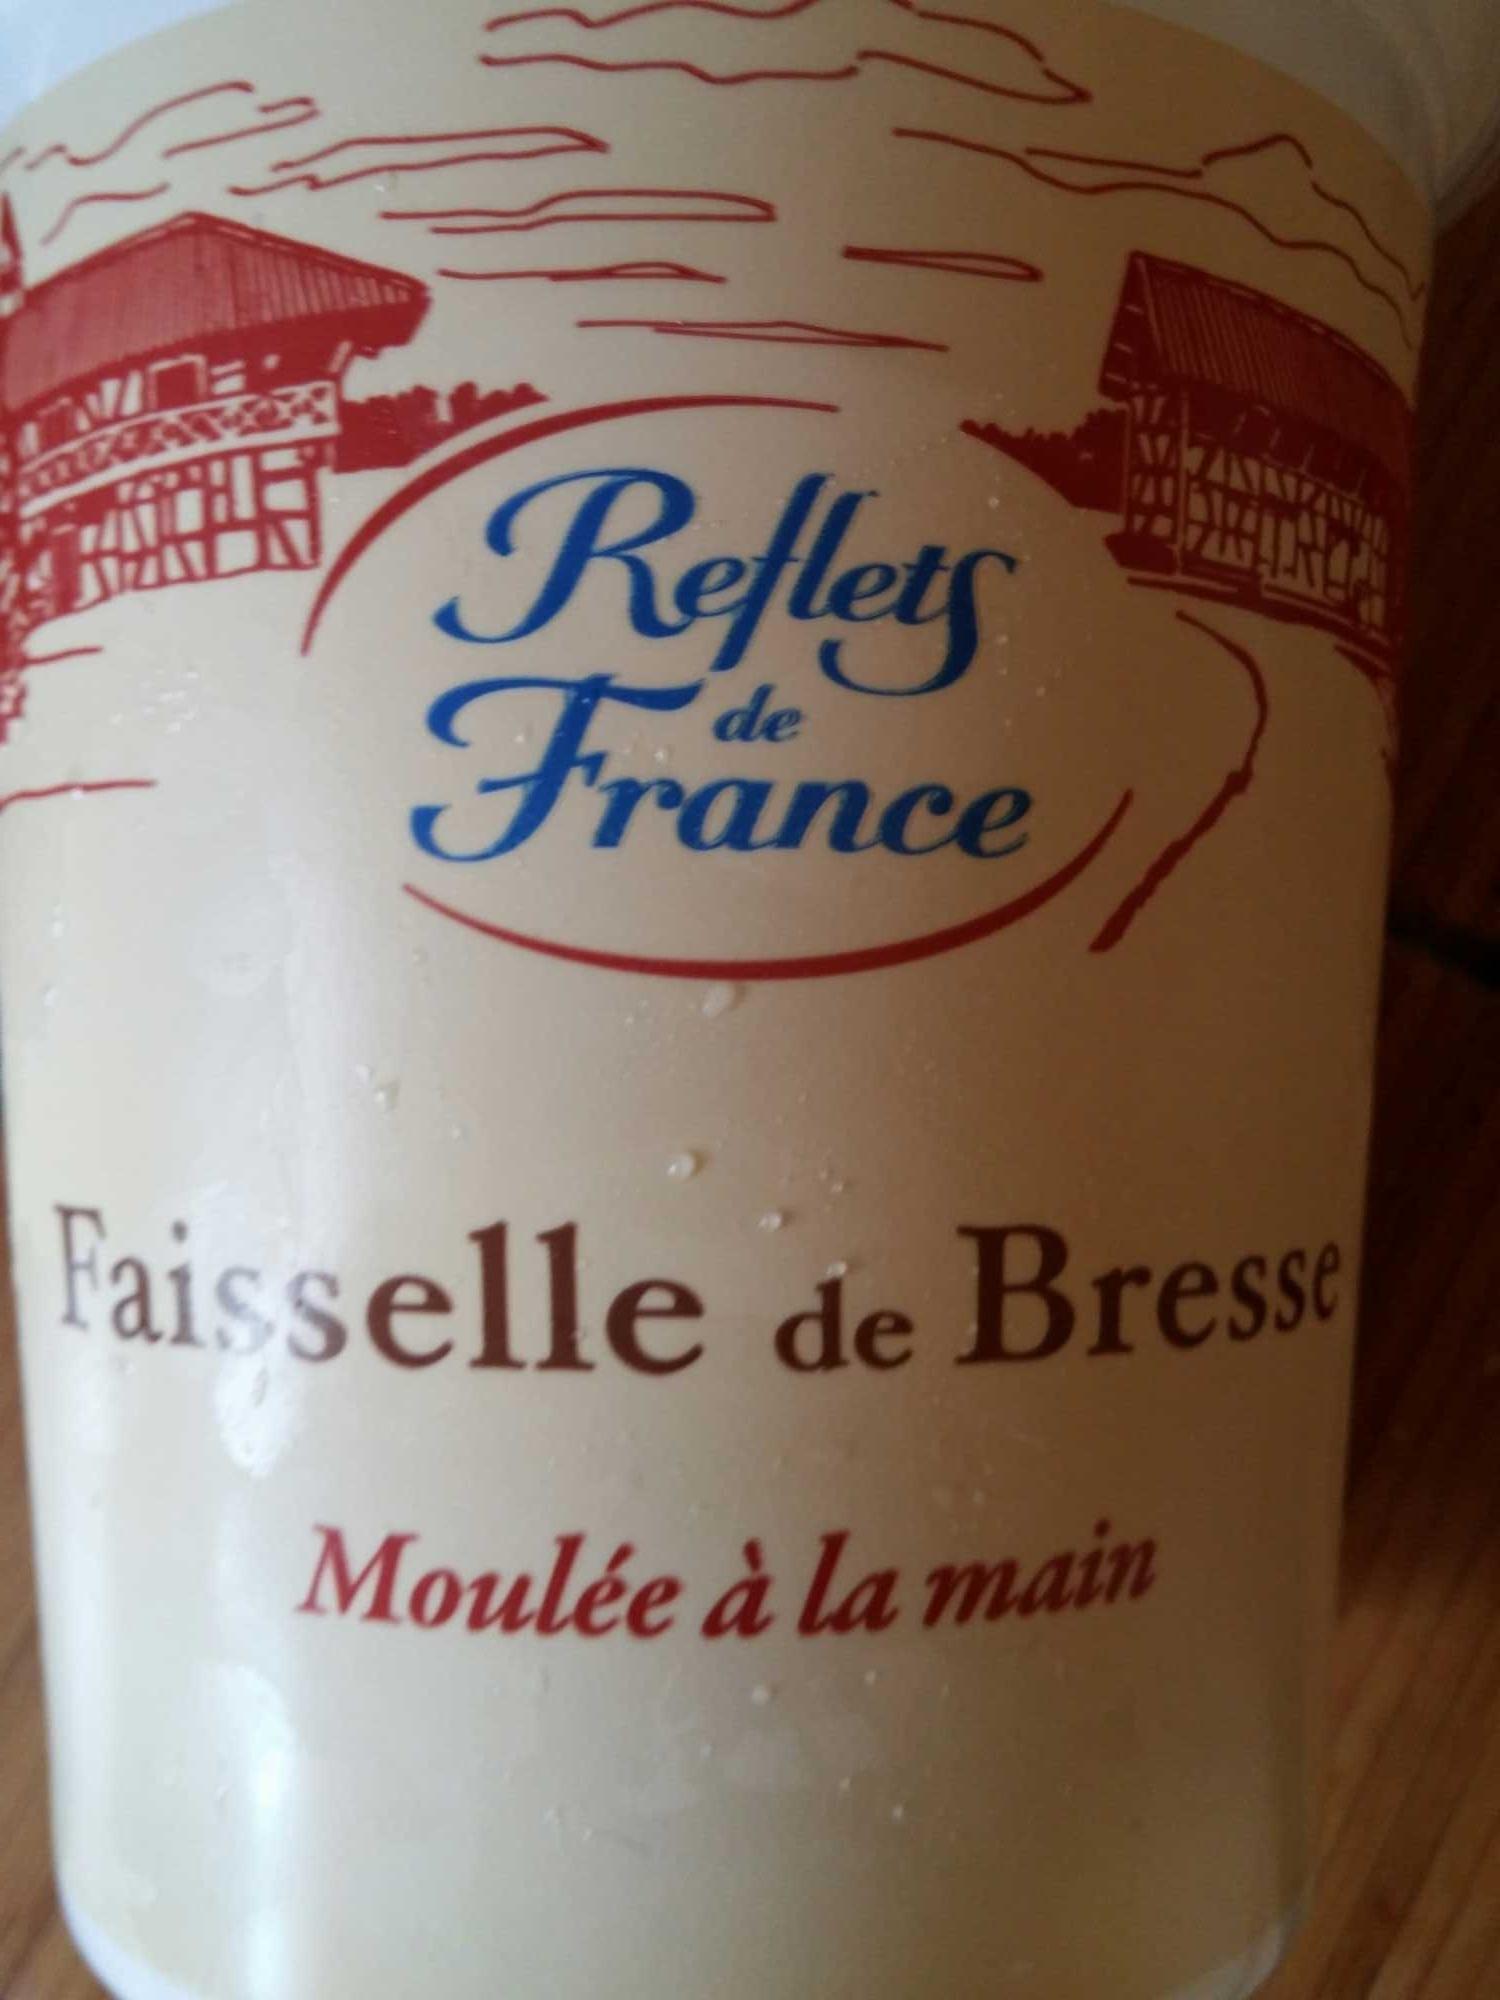 Faisselle de Bresse moulée à la main - Produit - fr